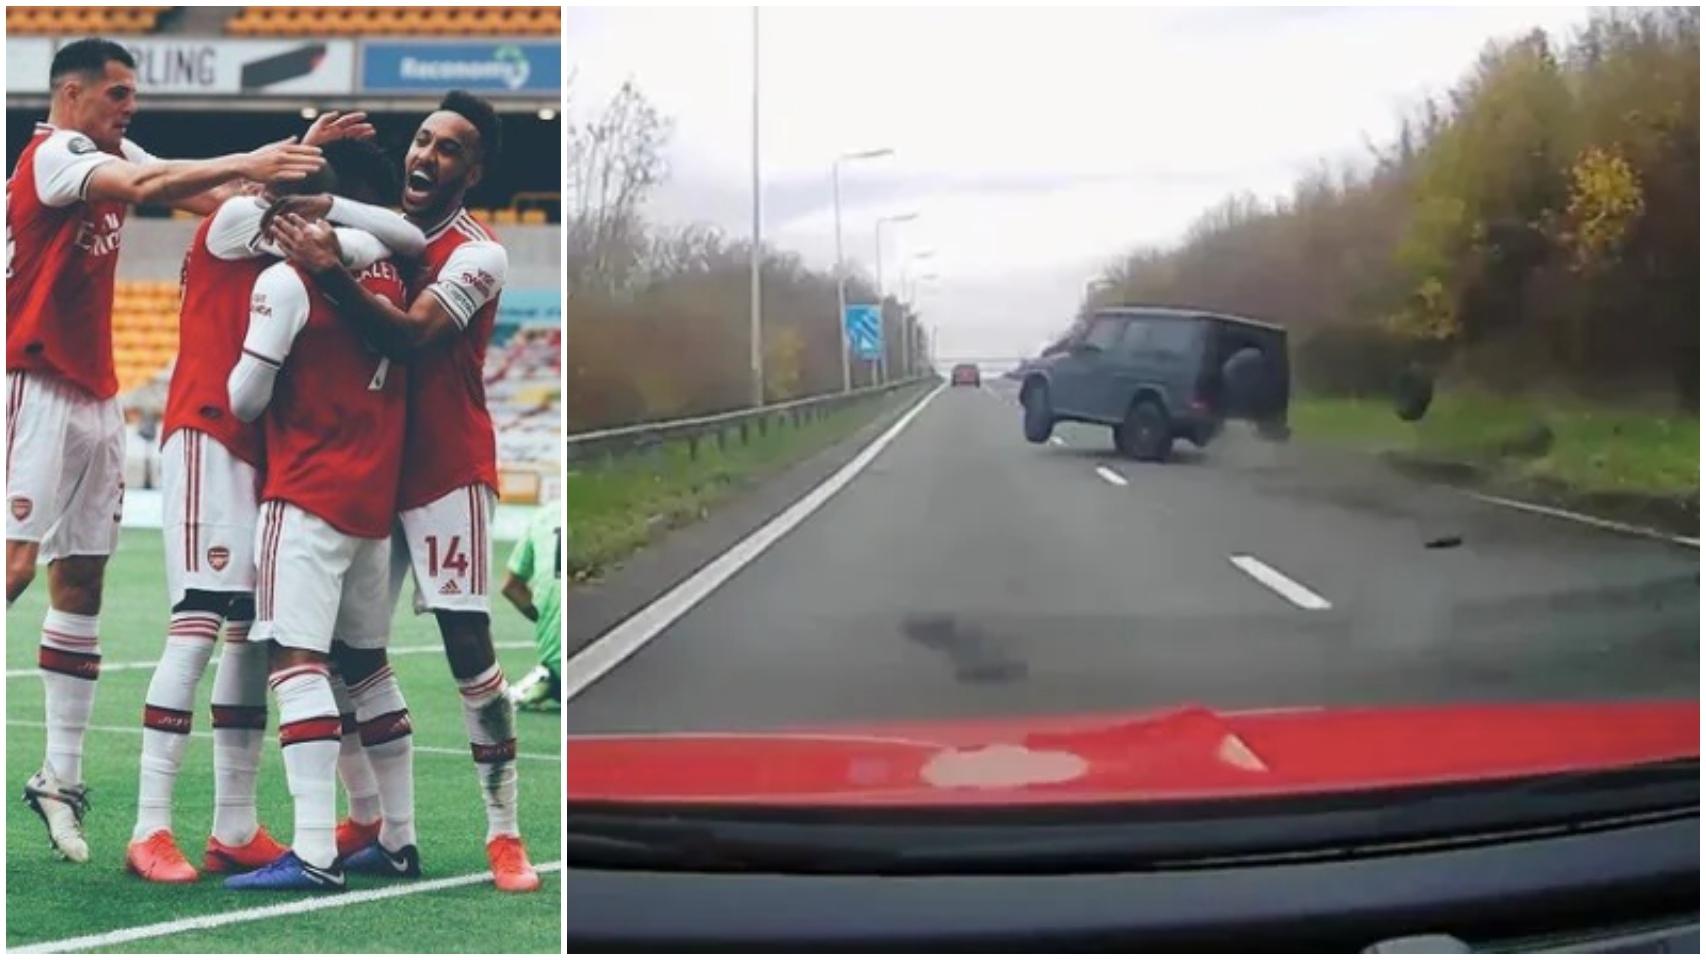 El accidente de tráfico de un jugador del Arsenal